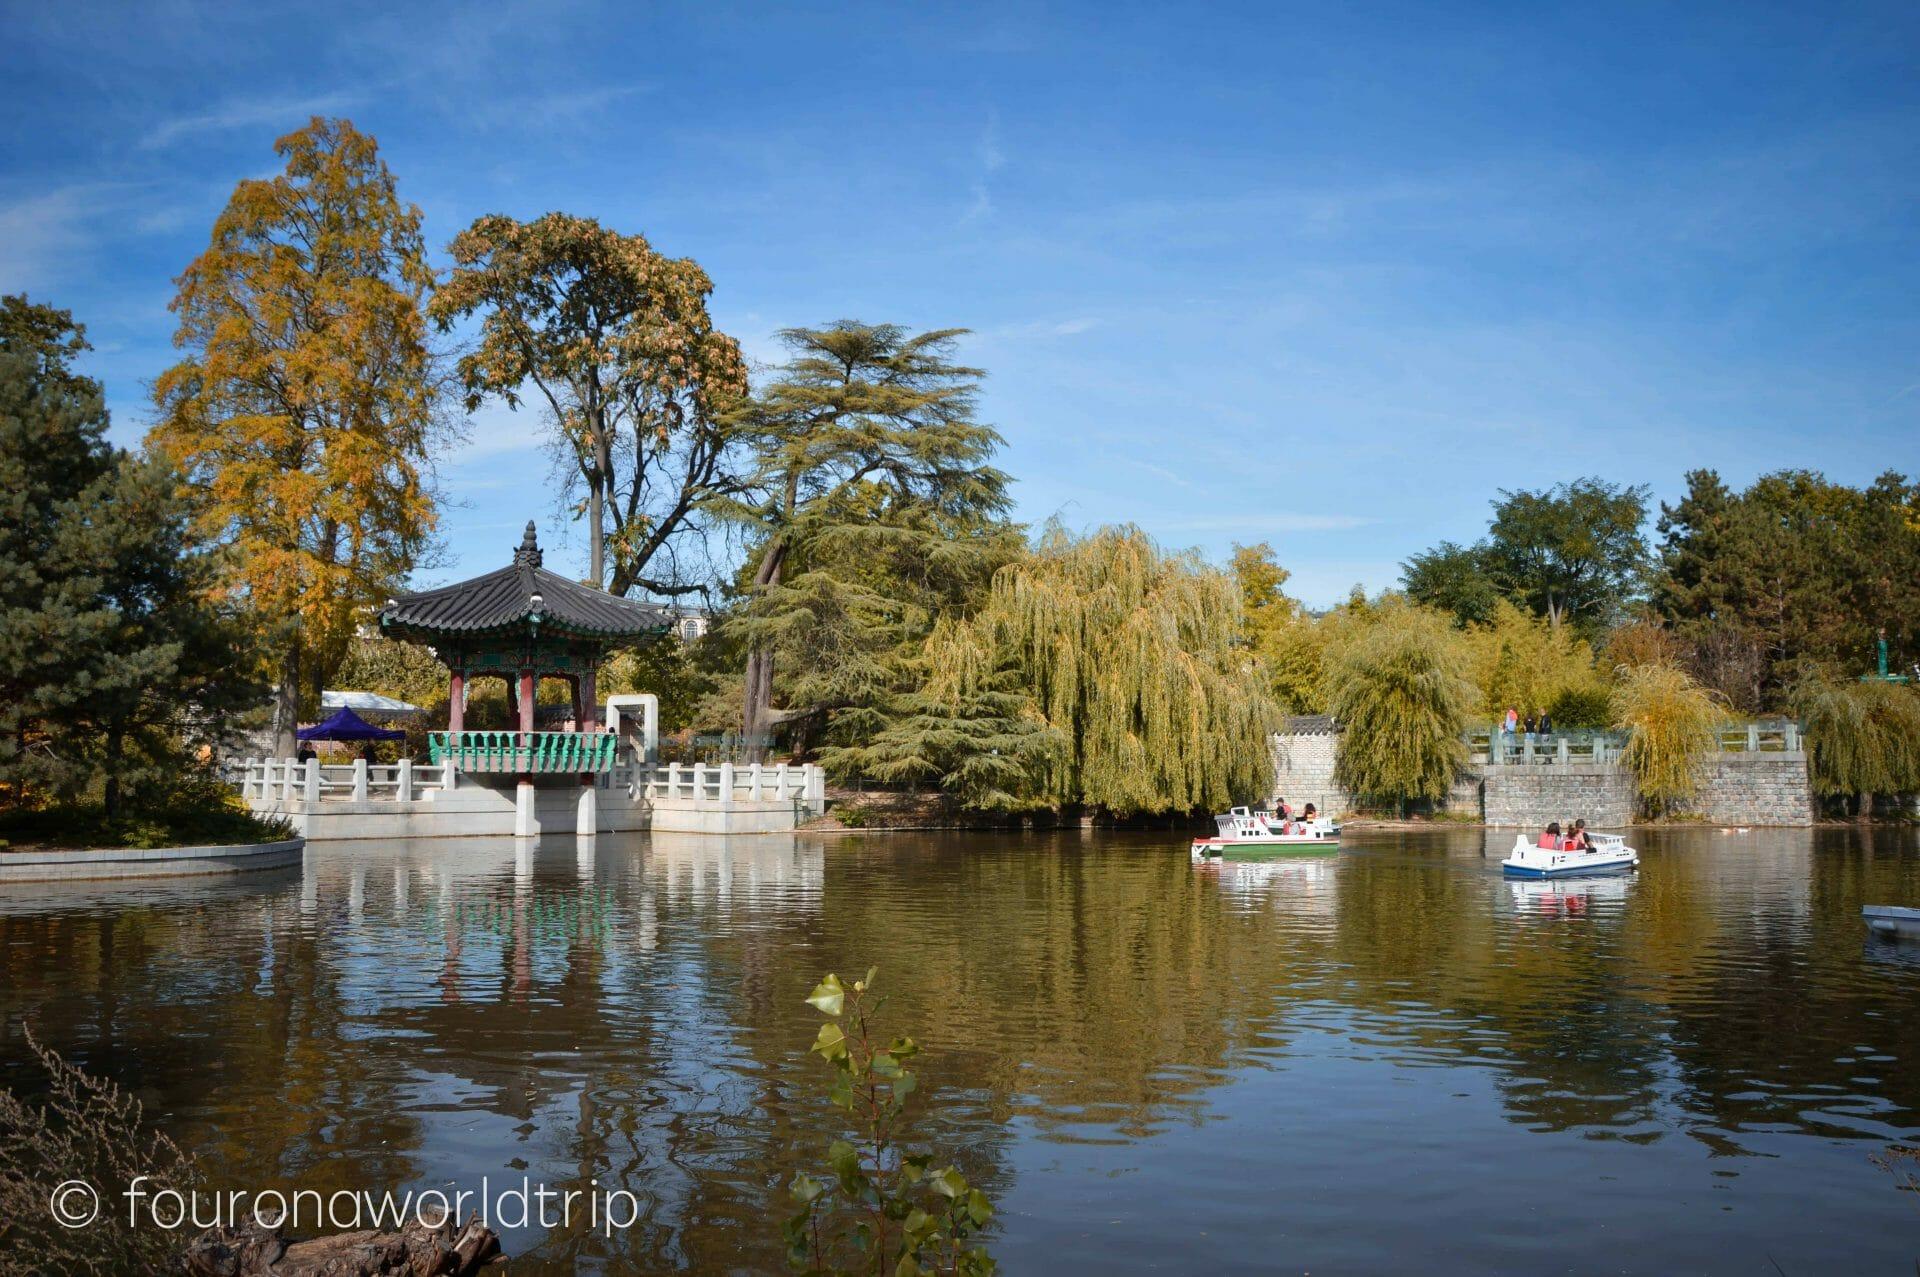 Paris - Jardin d'Acclimatation and Foundation Louis Vuitton